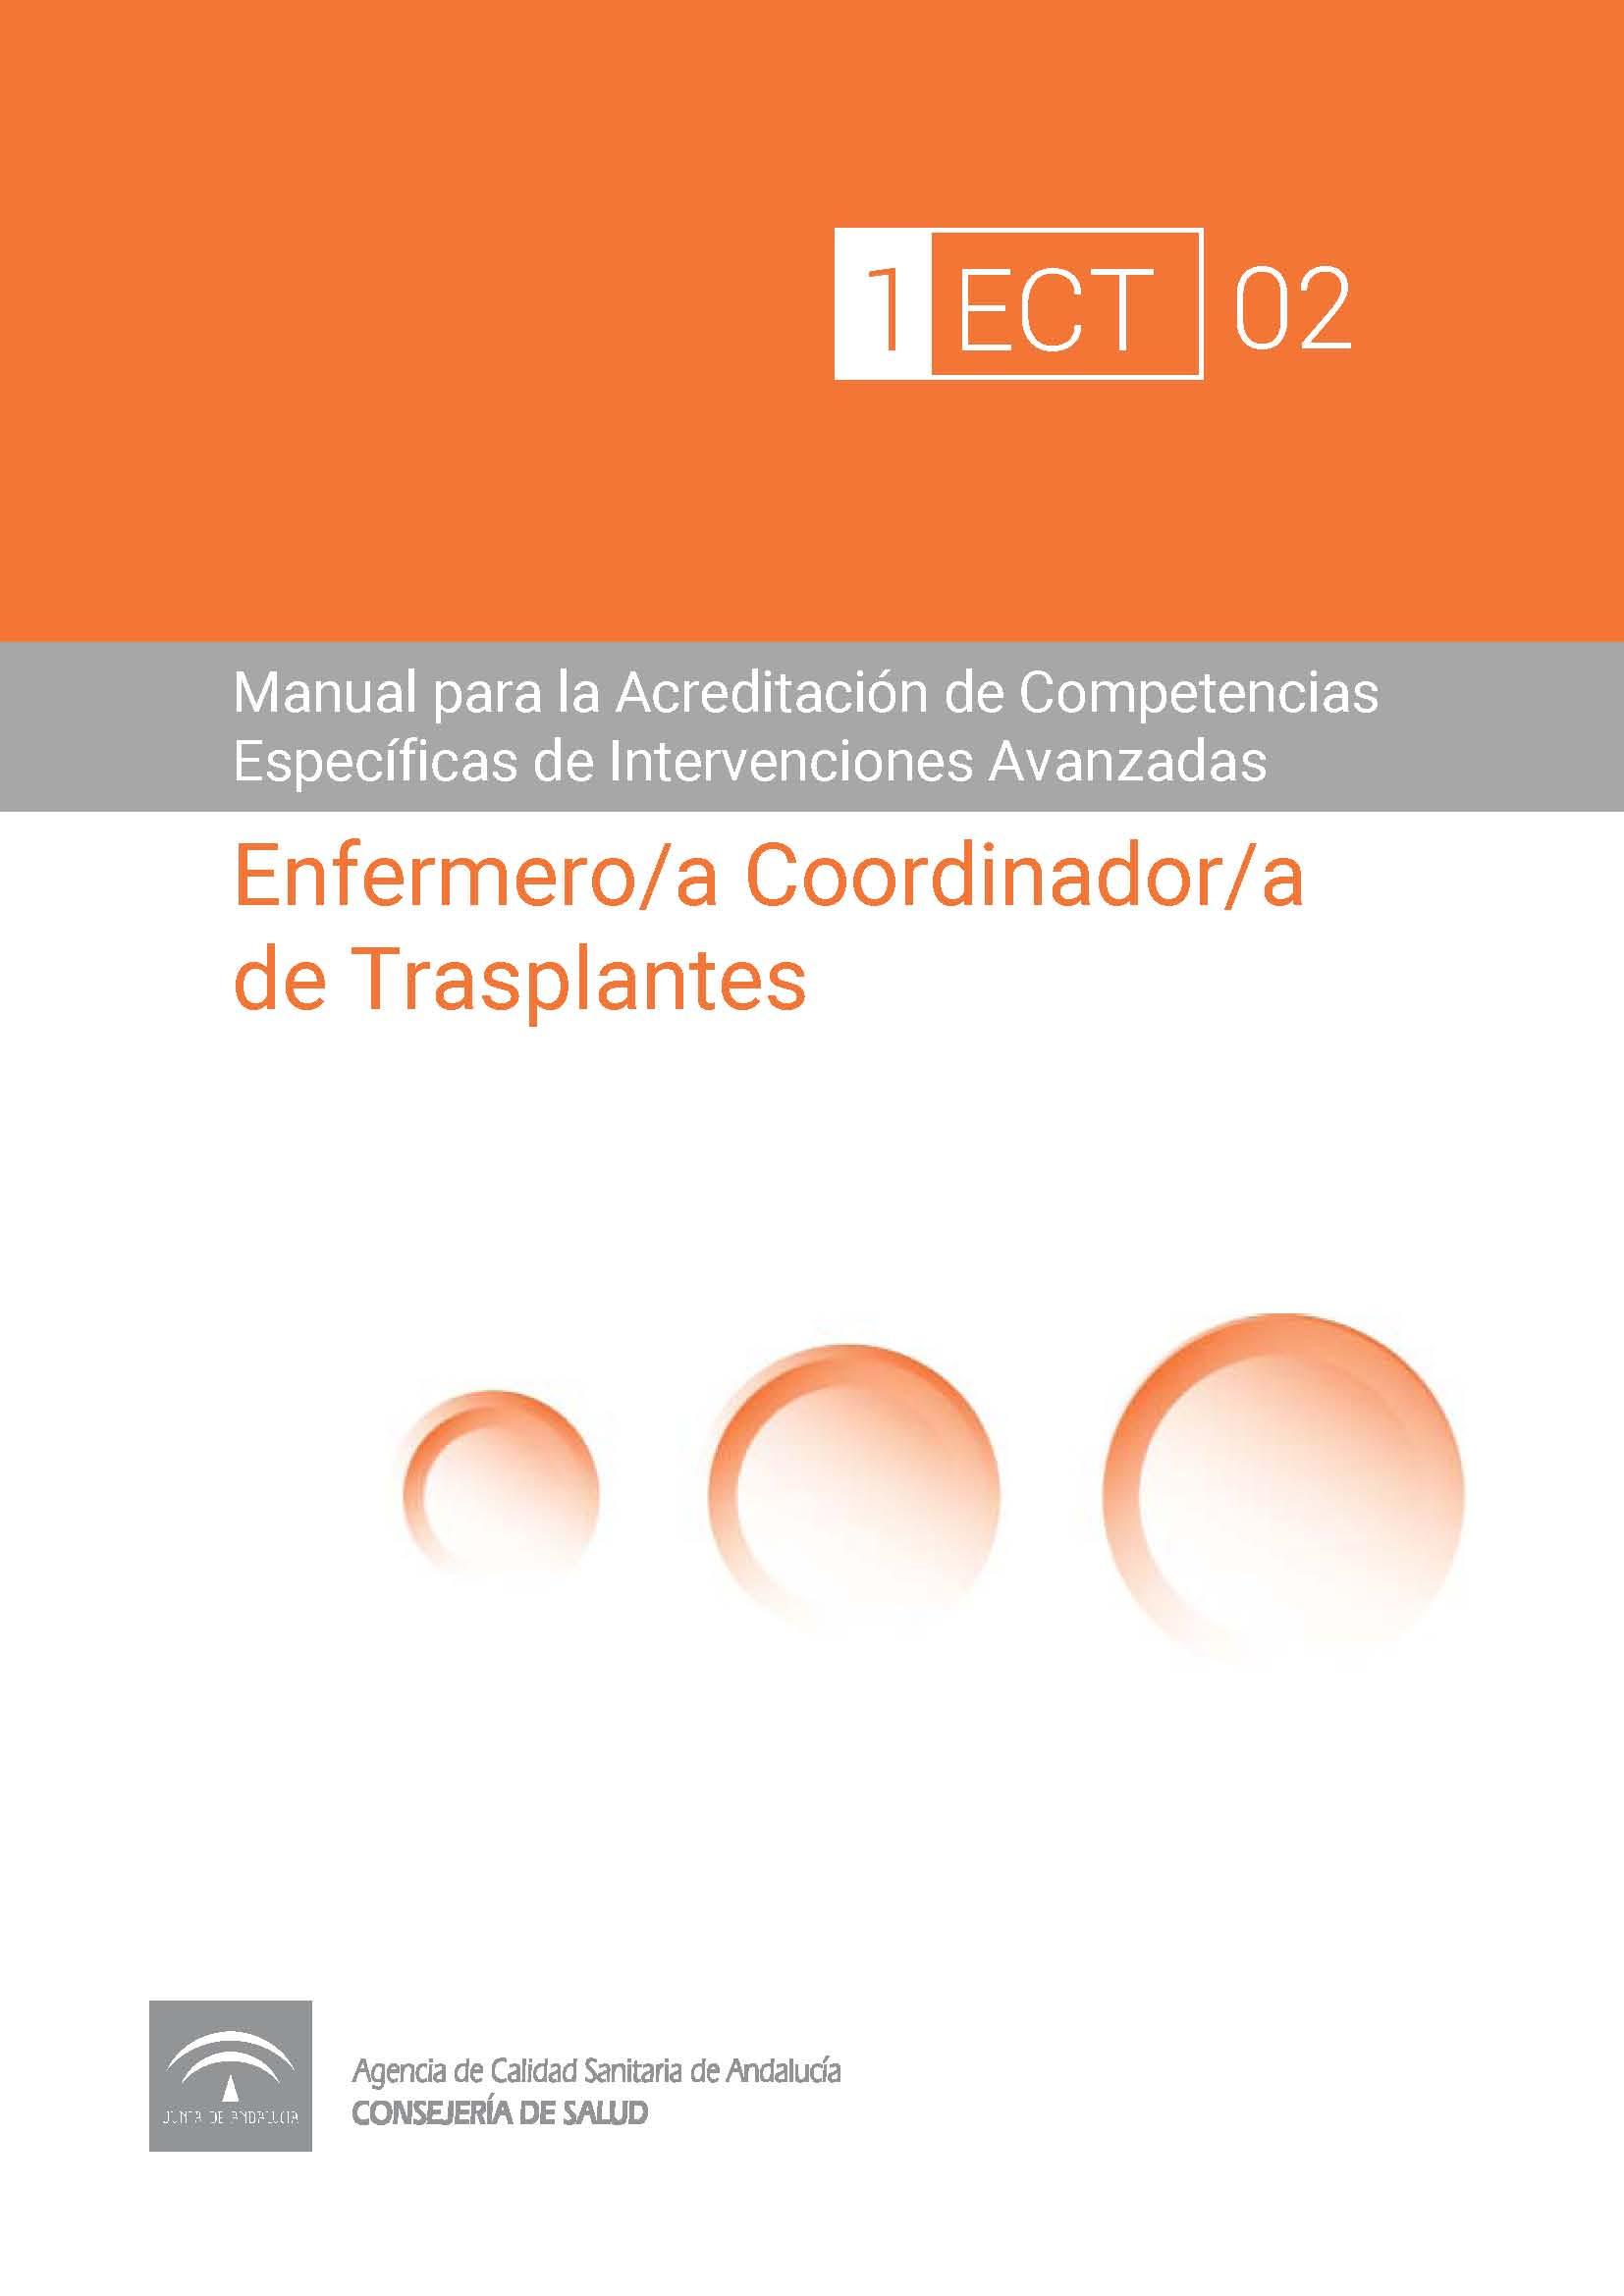 Manual de Competencias Específicas del/de la Enfermero/a Coordinador/a de Trasplantes